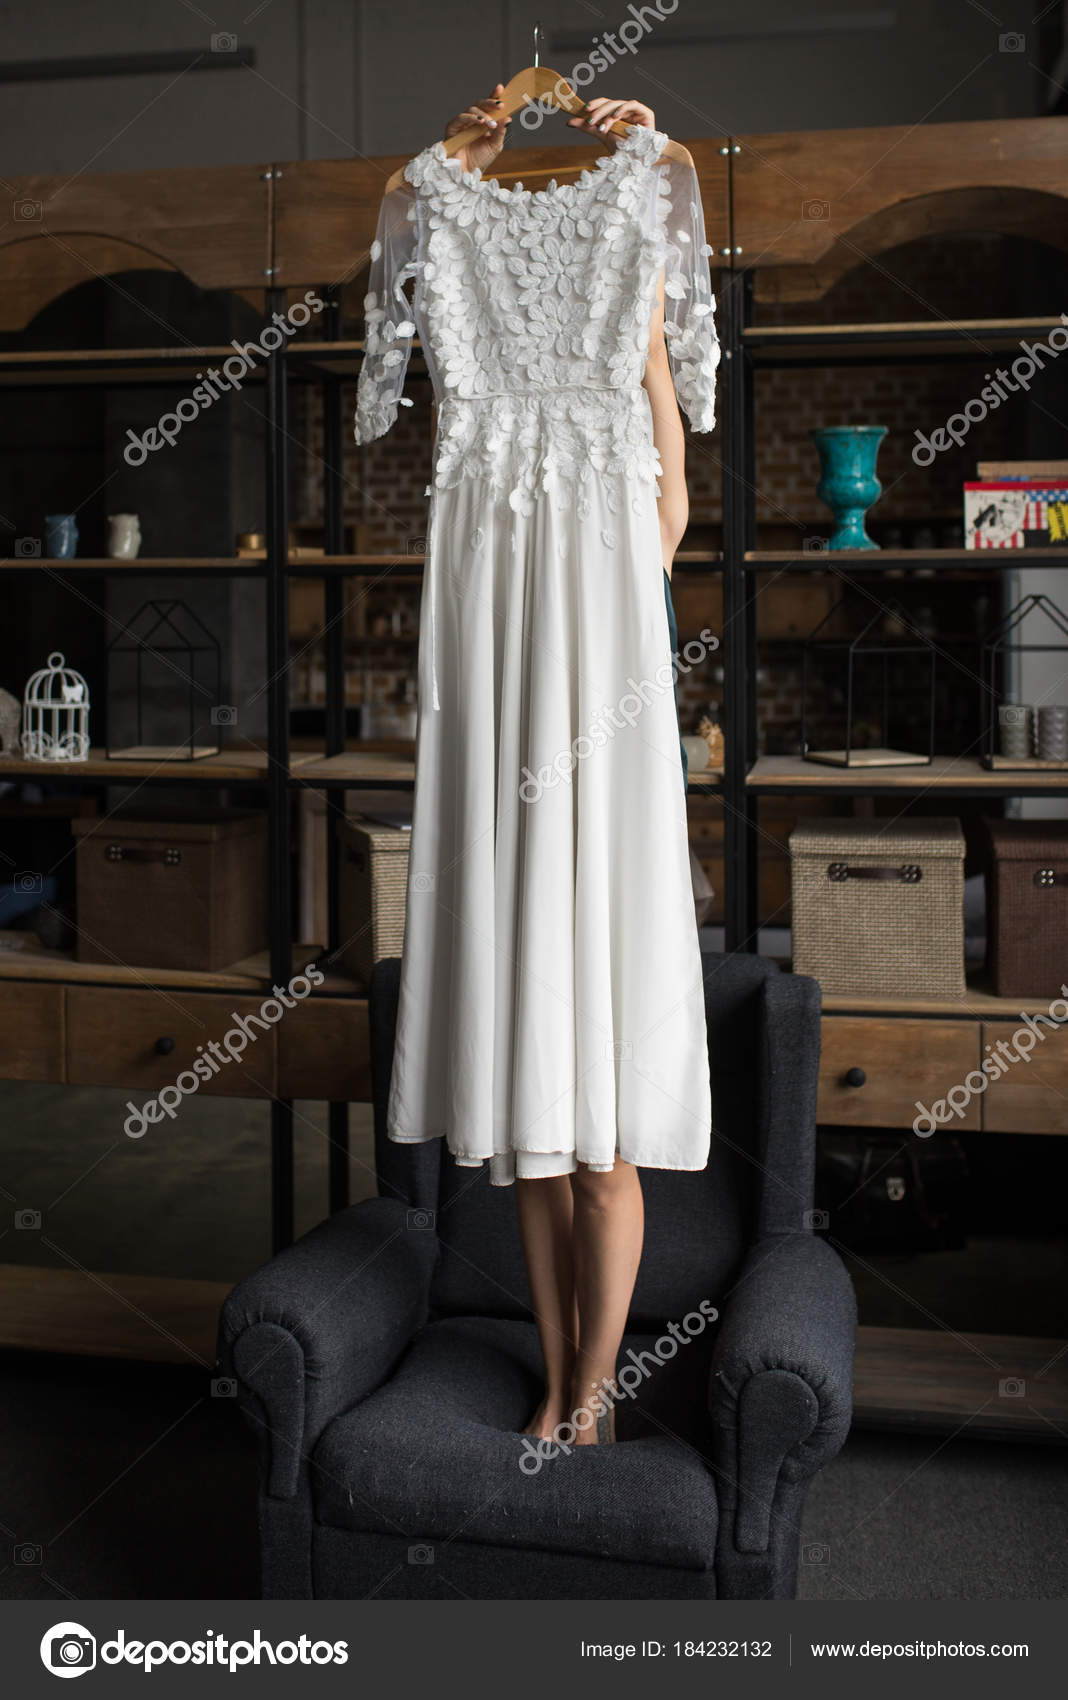 Nevesta Krasne Rustikalni Svatebni Saty Jejich Rukou Priprava Svatbu